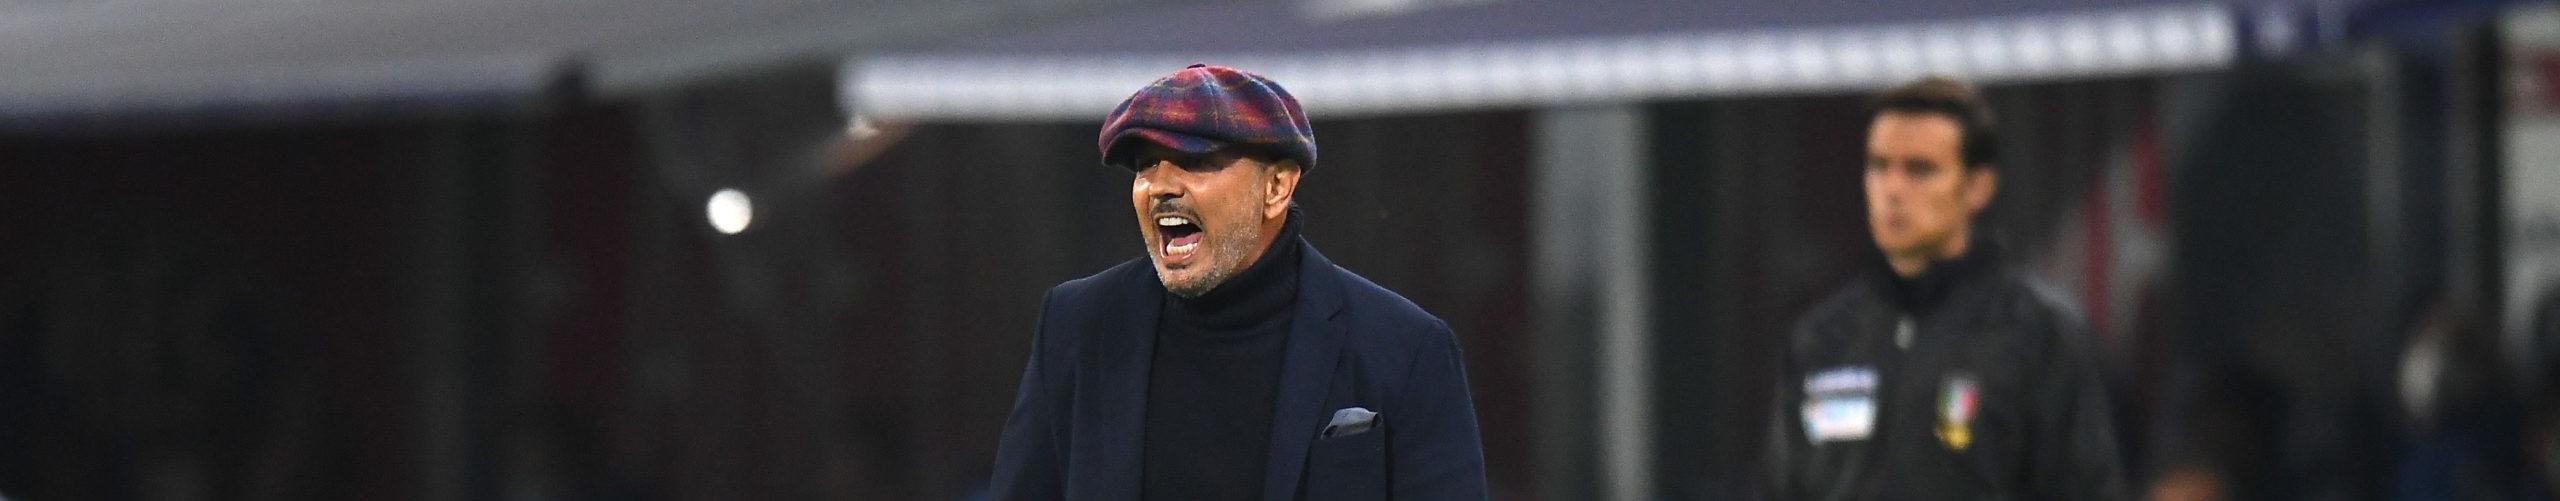 Bologna-Sampdoria, due squadre e una domanda: si può fare di più?